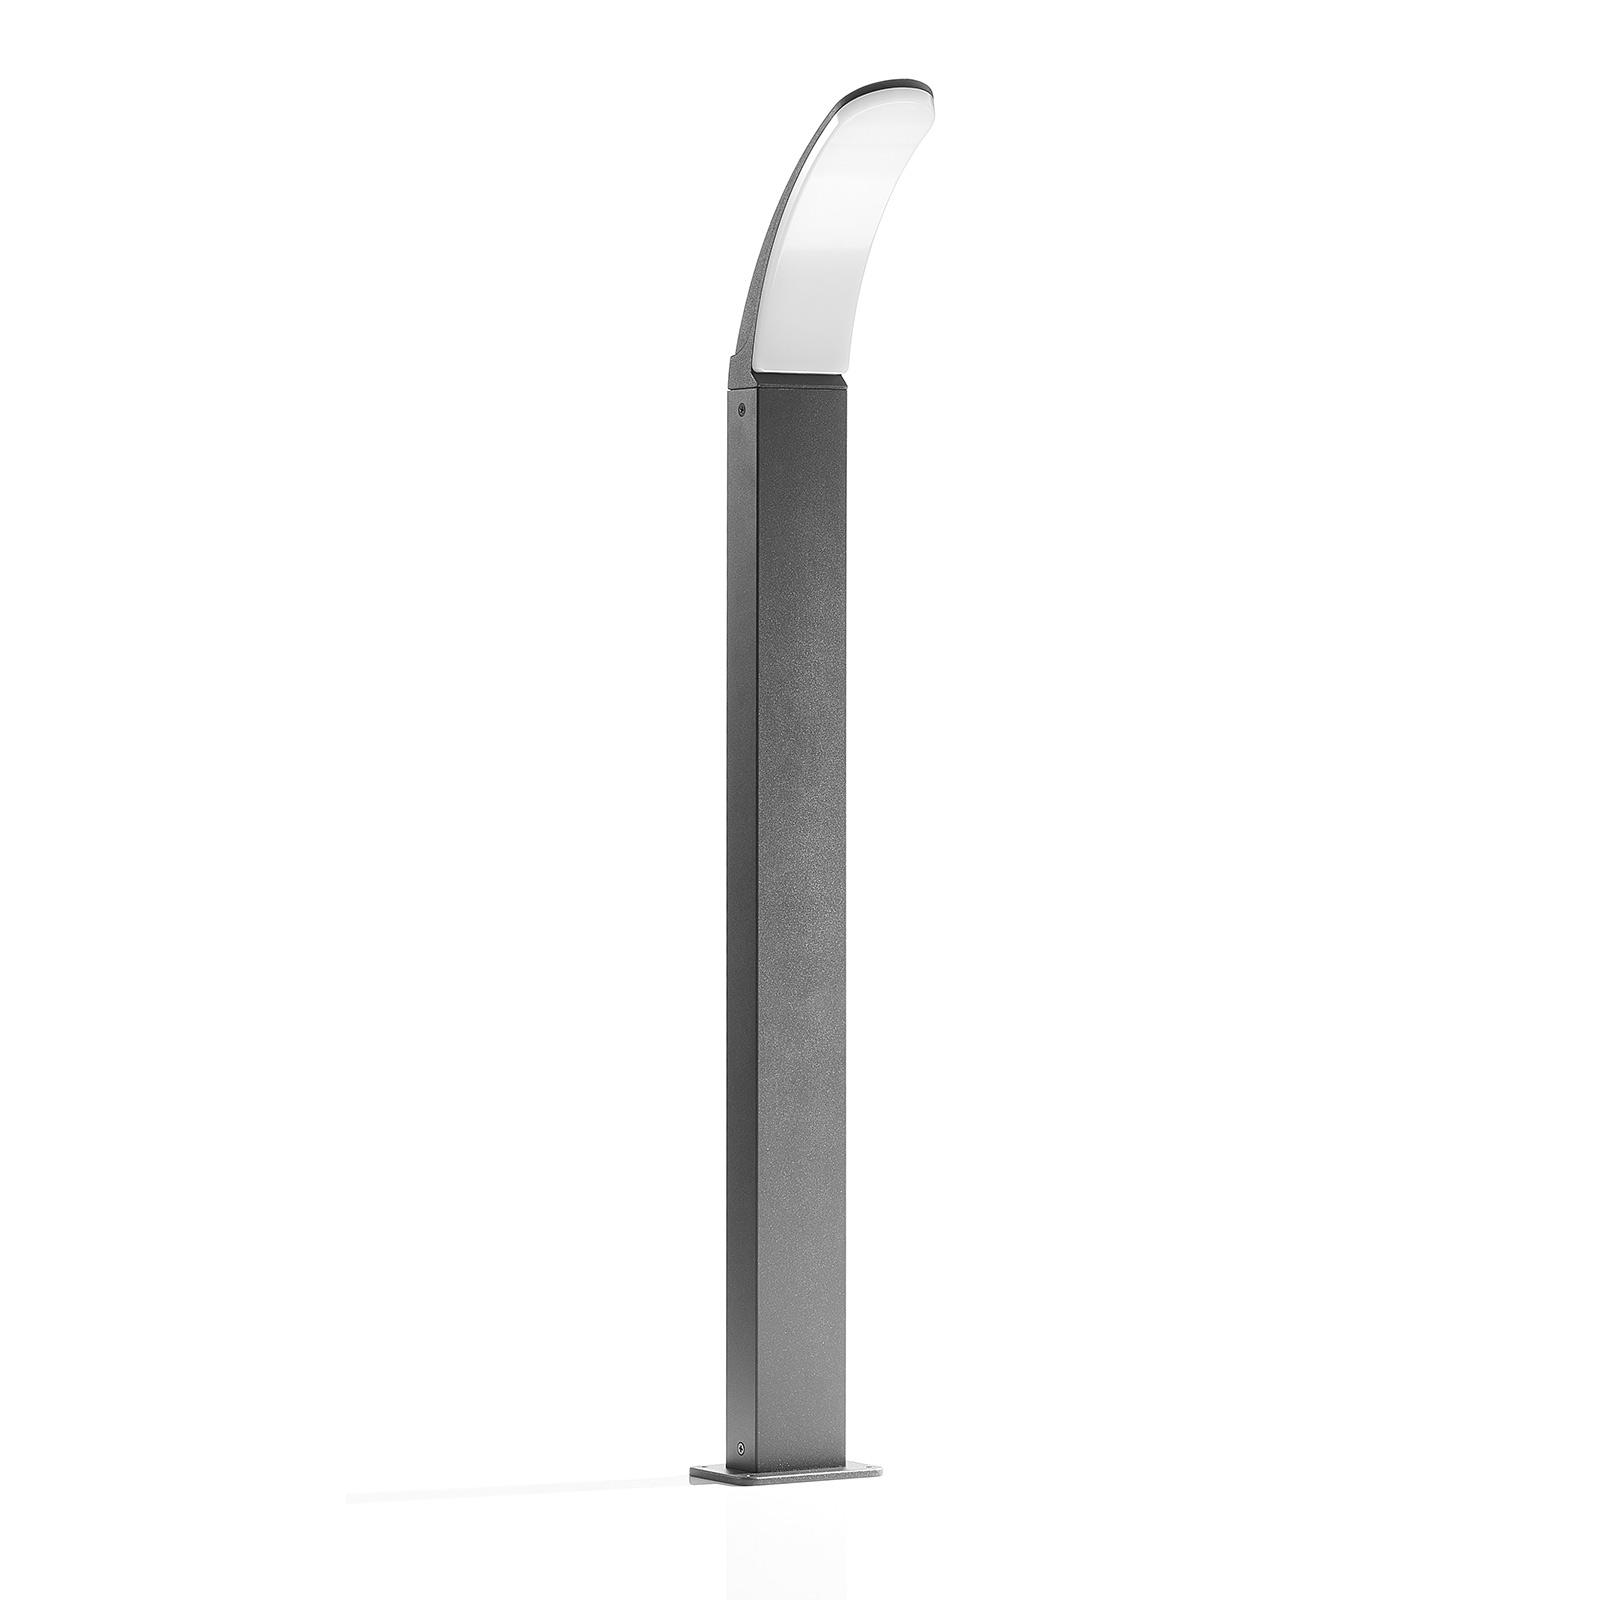 LED tuinpadverlichting Fiumicino in gebogen vorm